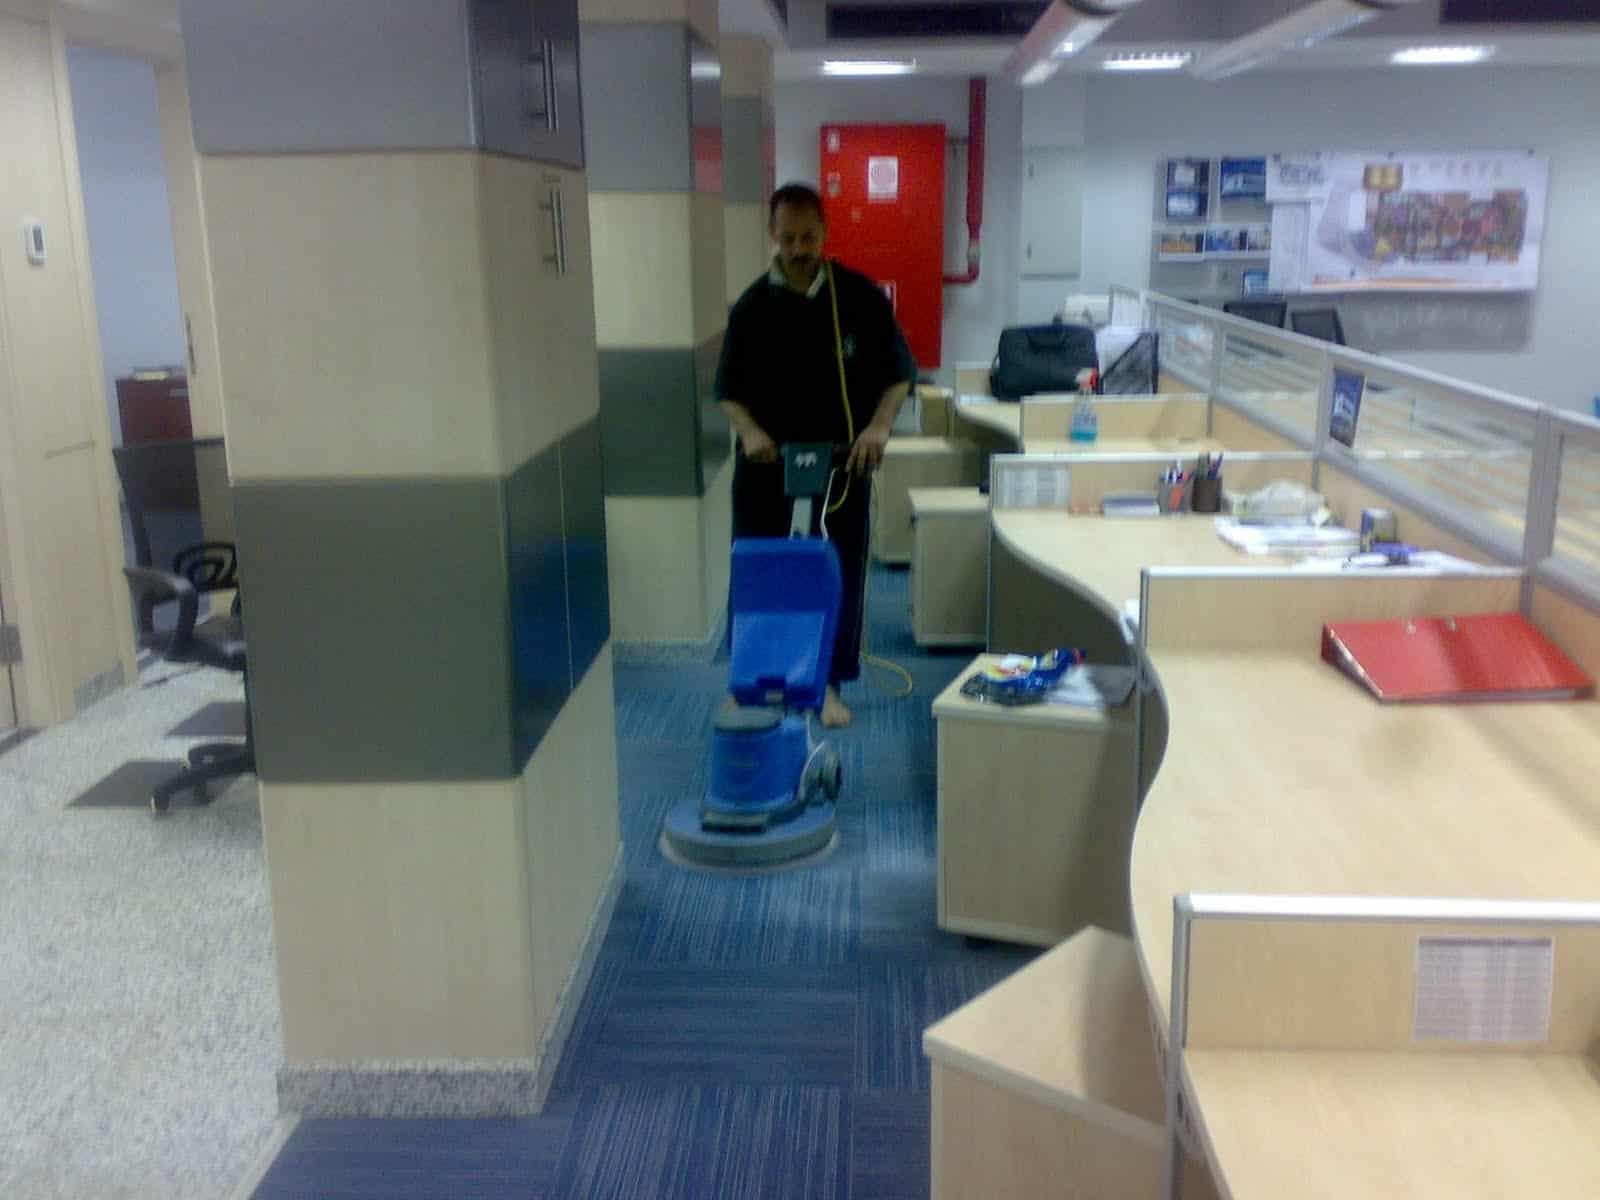 شركة تنظيف كنب بالرياض شركة غسيل كنب بالرياض شركة غسيل كنب بالرياض 0553551993 2